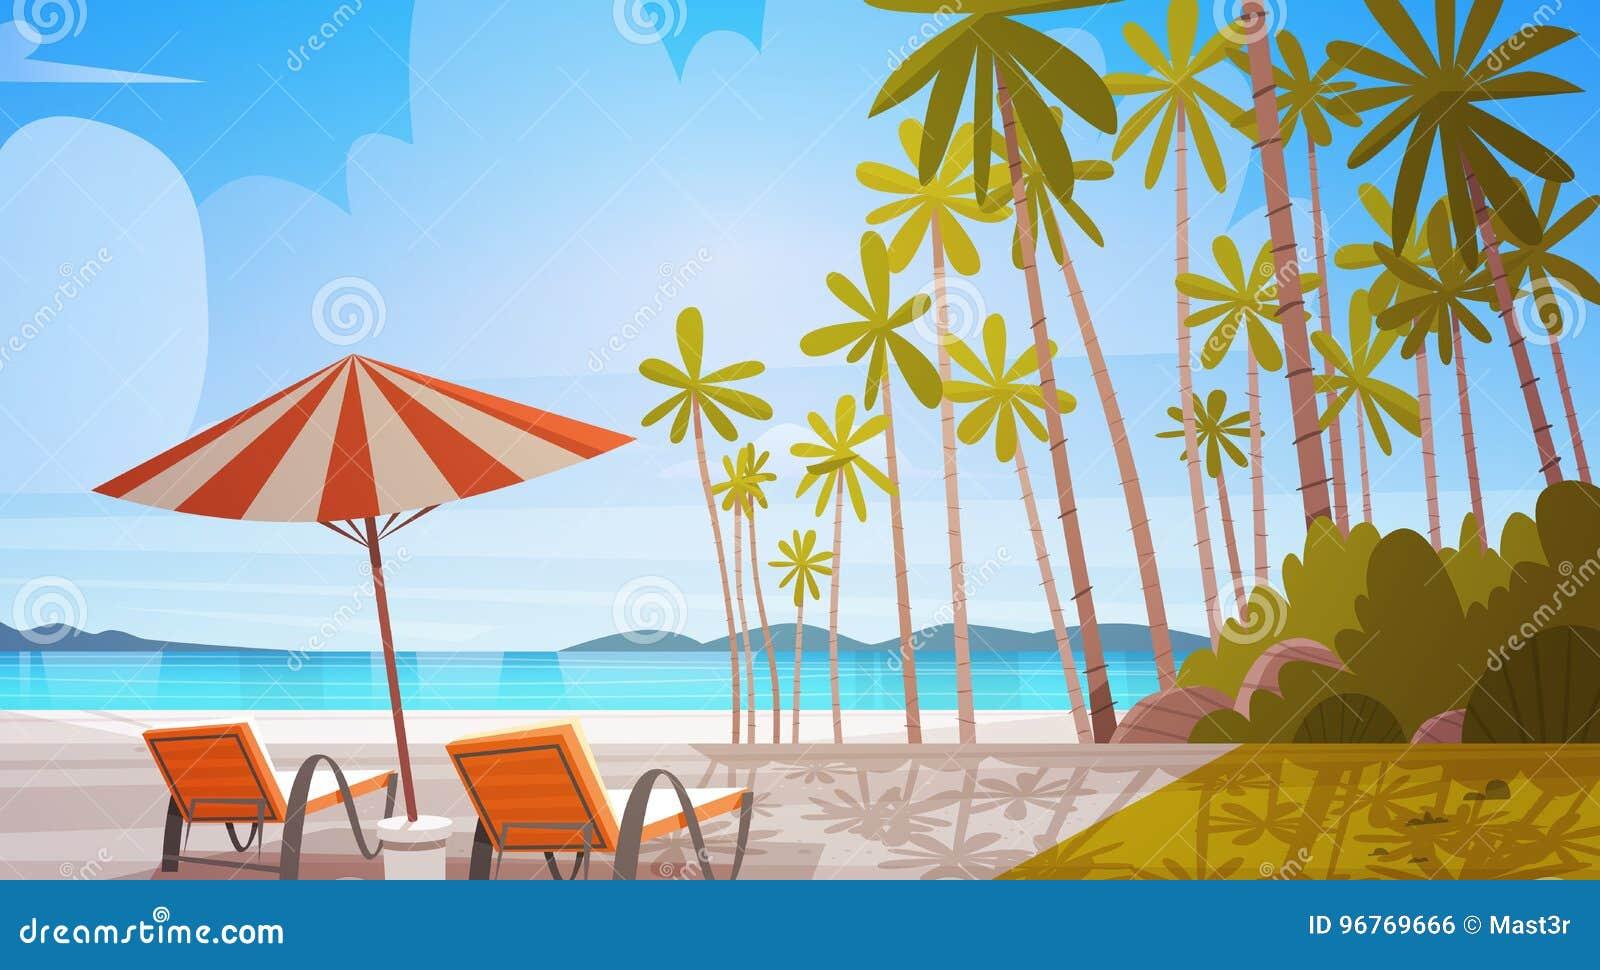 Strand för havskust med för sjösidalandskap för solstolar härligt begrepp för semester för sommar